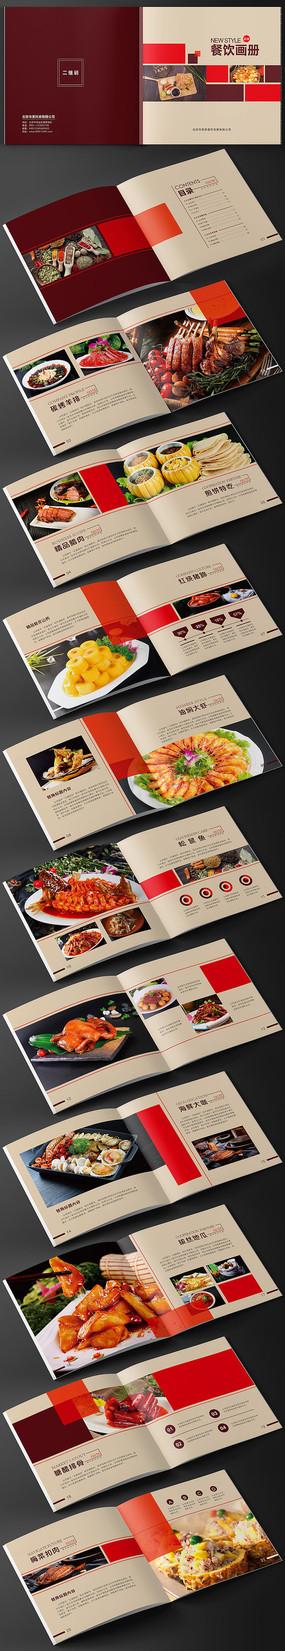 高档餐饮画册设计